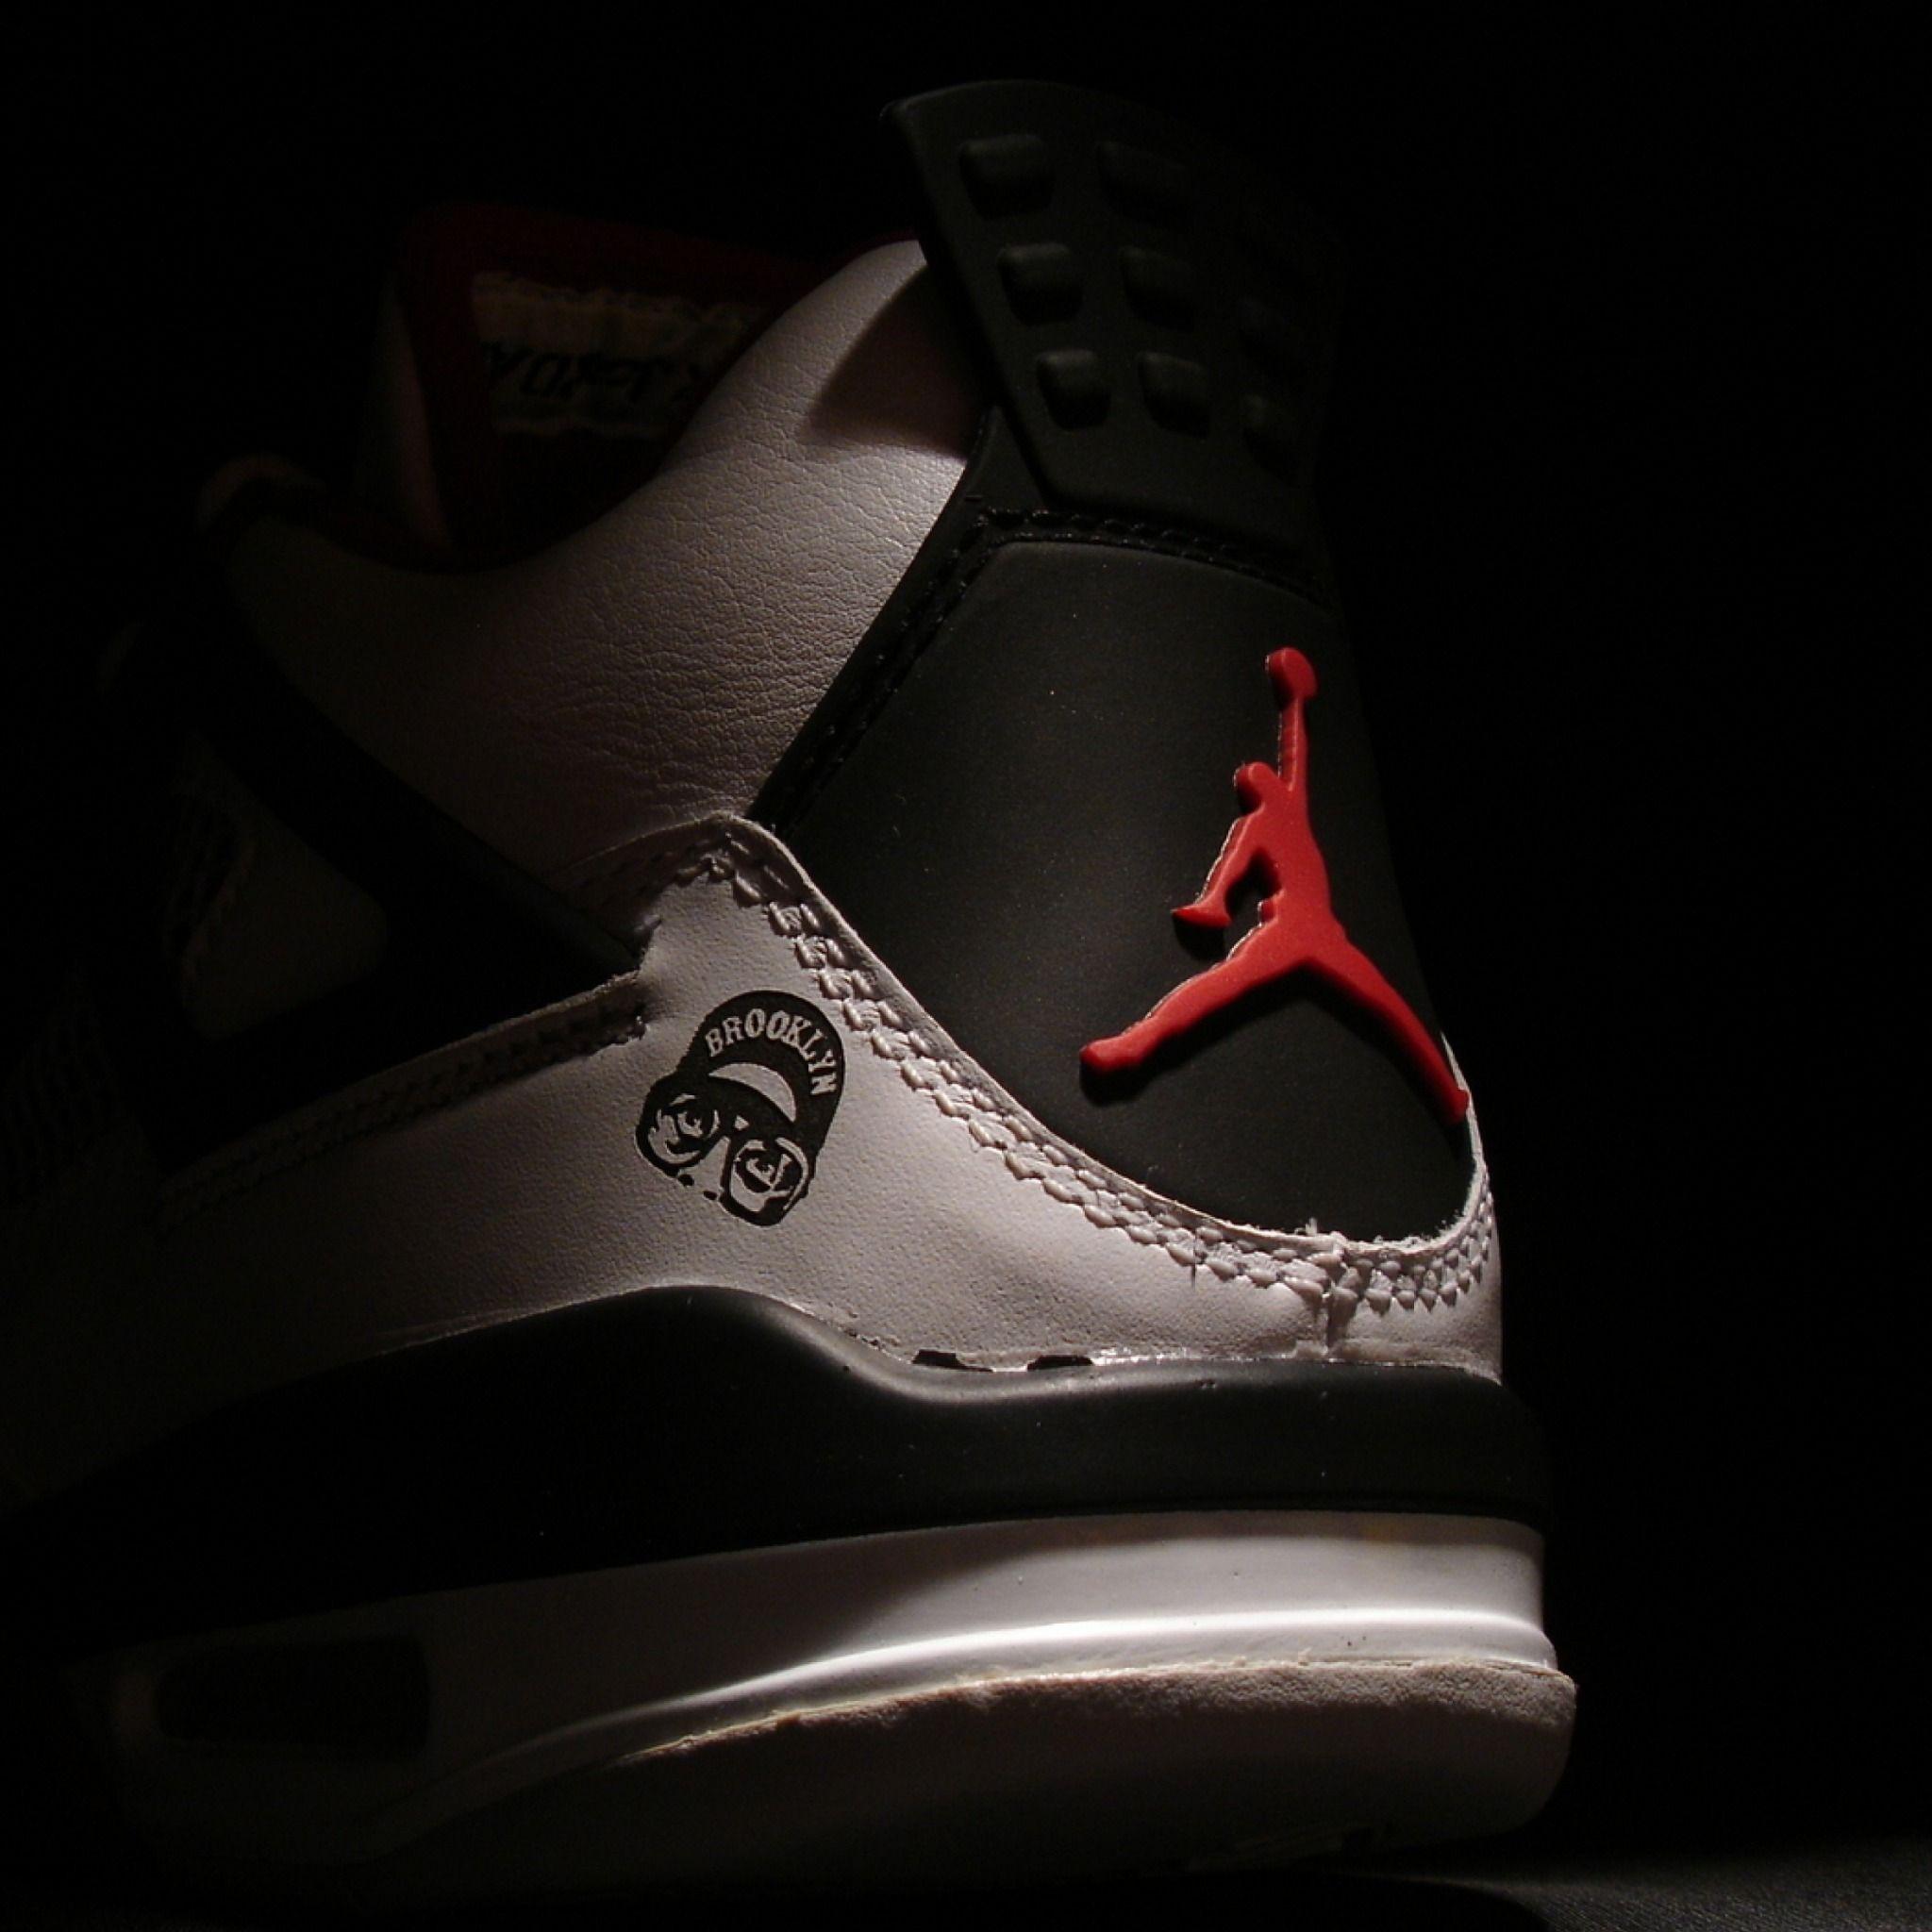 Jordan Mars - Tap to see more amazing air jordan shoes wallpaper! @mobile9